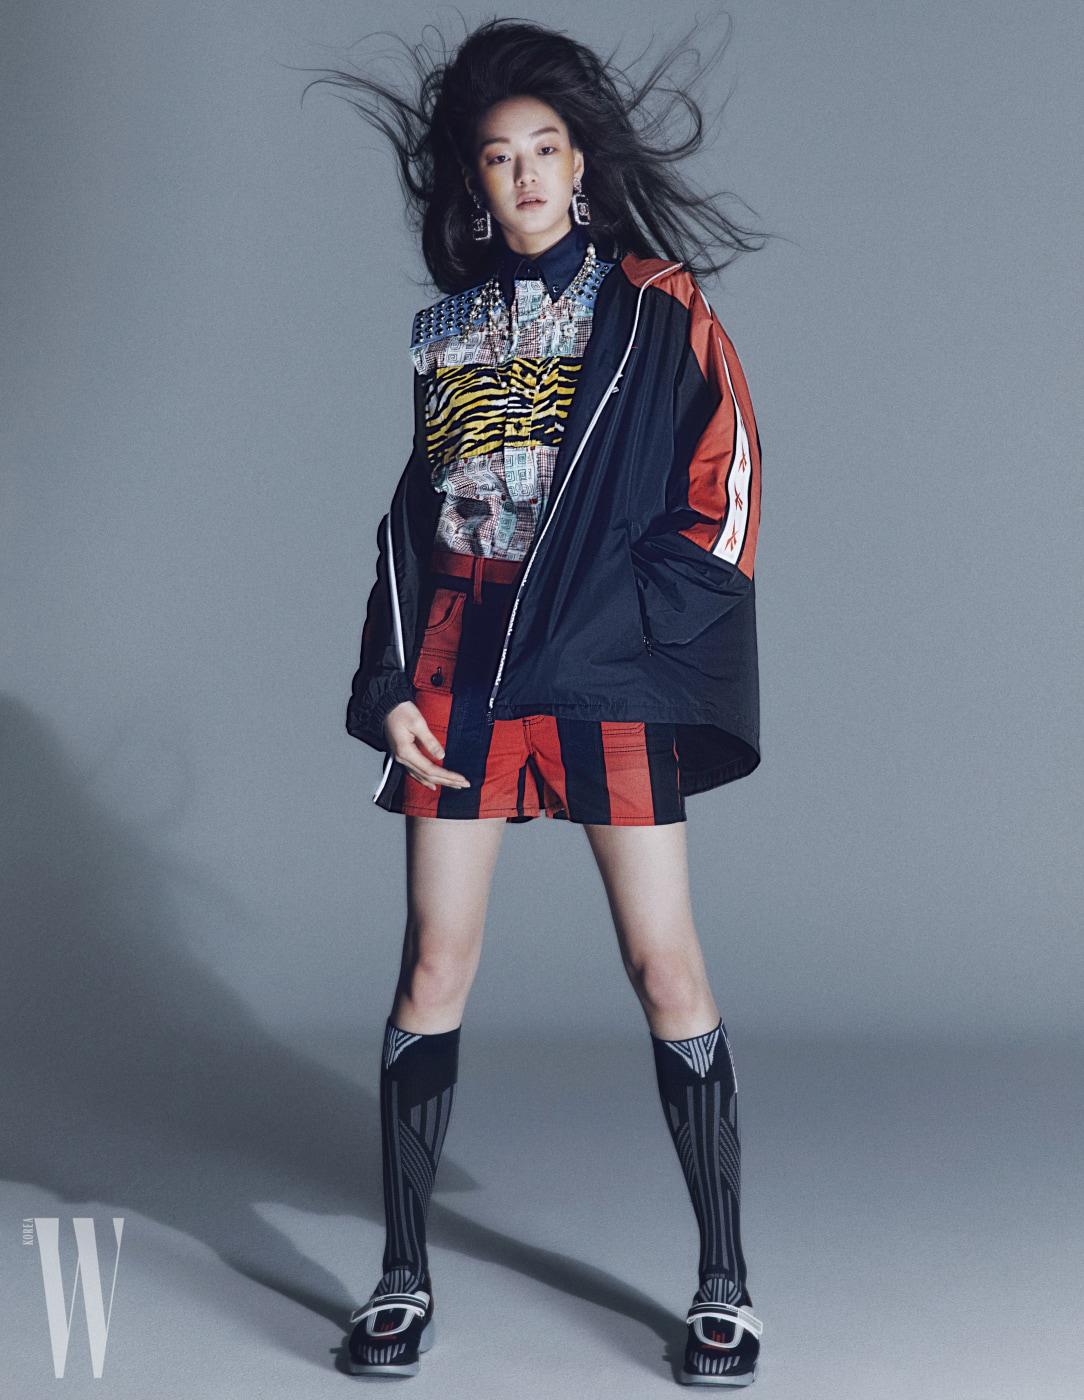 검은색, 빨간색의 집업 재킷은 리복, 화려한 패턴 셔츠, 줄무늬 쇼츠, 클라우드 스니커즈, 삭스는 프라다, 진주 목걸이와 로고 귀고리는 샤넬 제품.